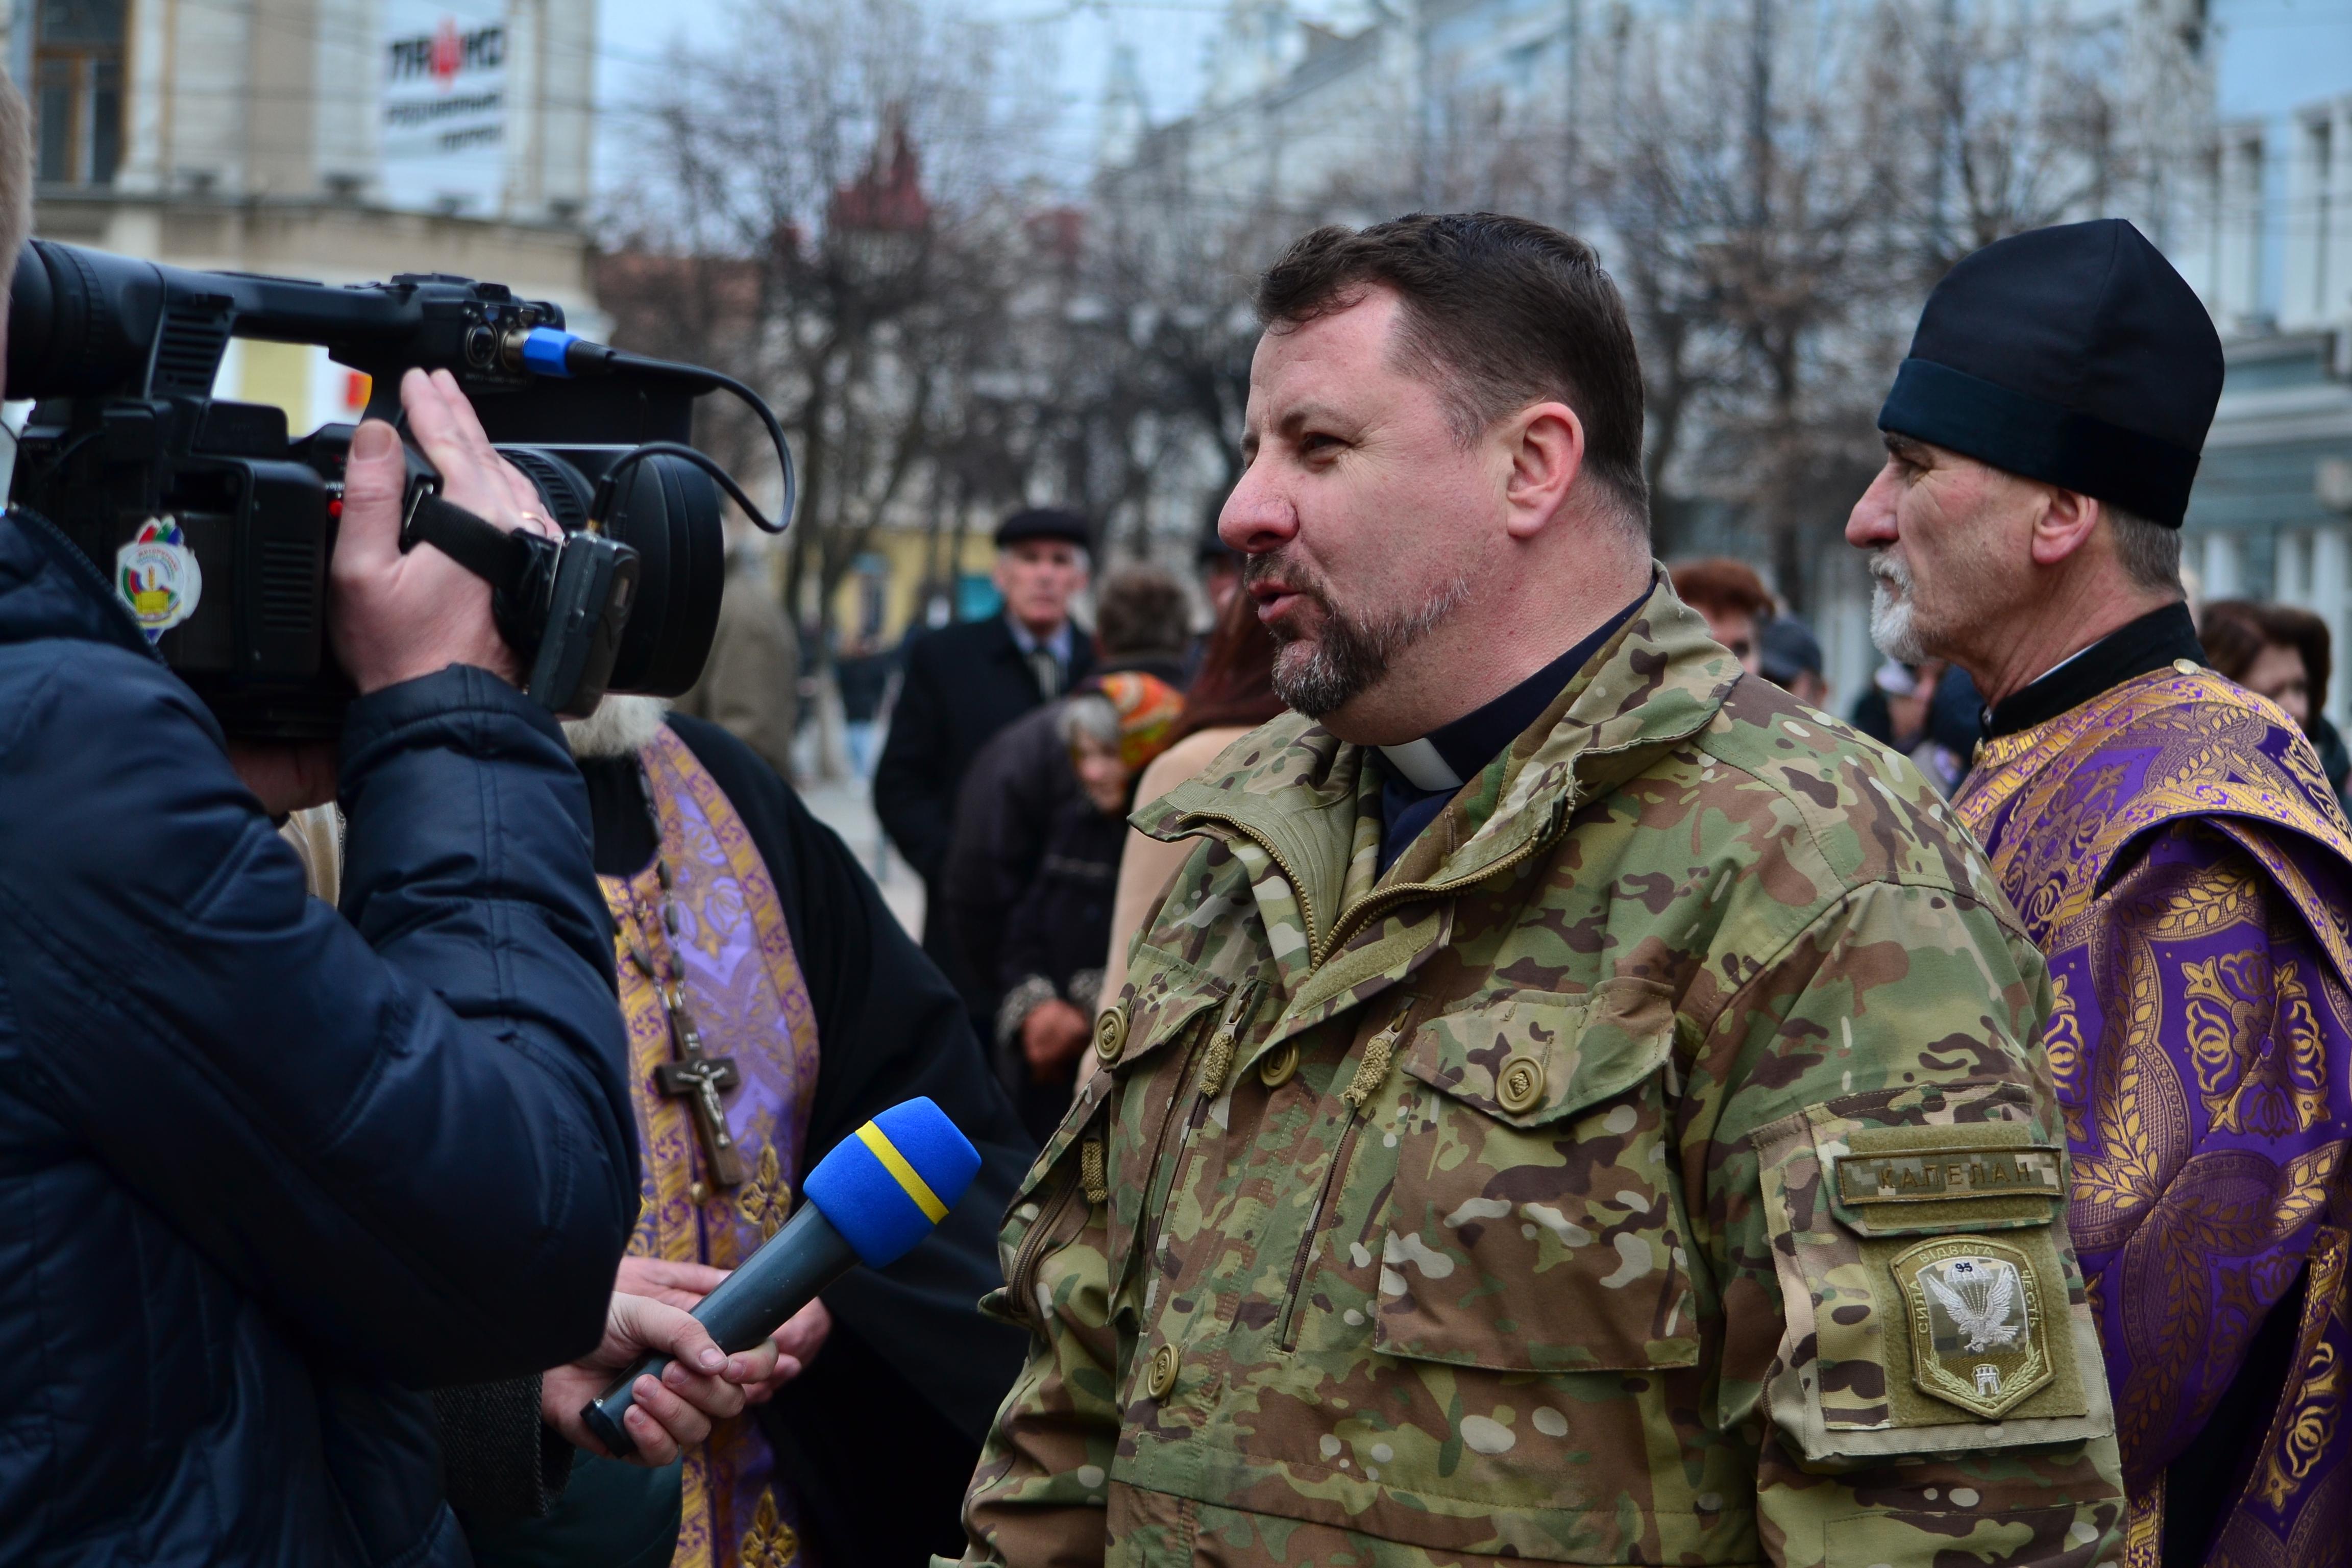 DSC 0808 1 - Ці воїни наповнюють наші серця: в Житомирі відзначили День українського добровольця (ФОТО)